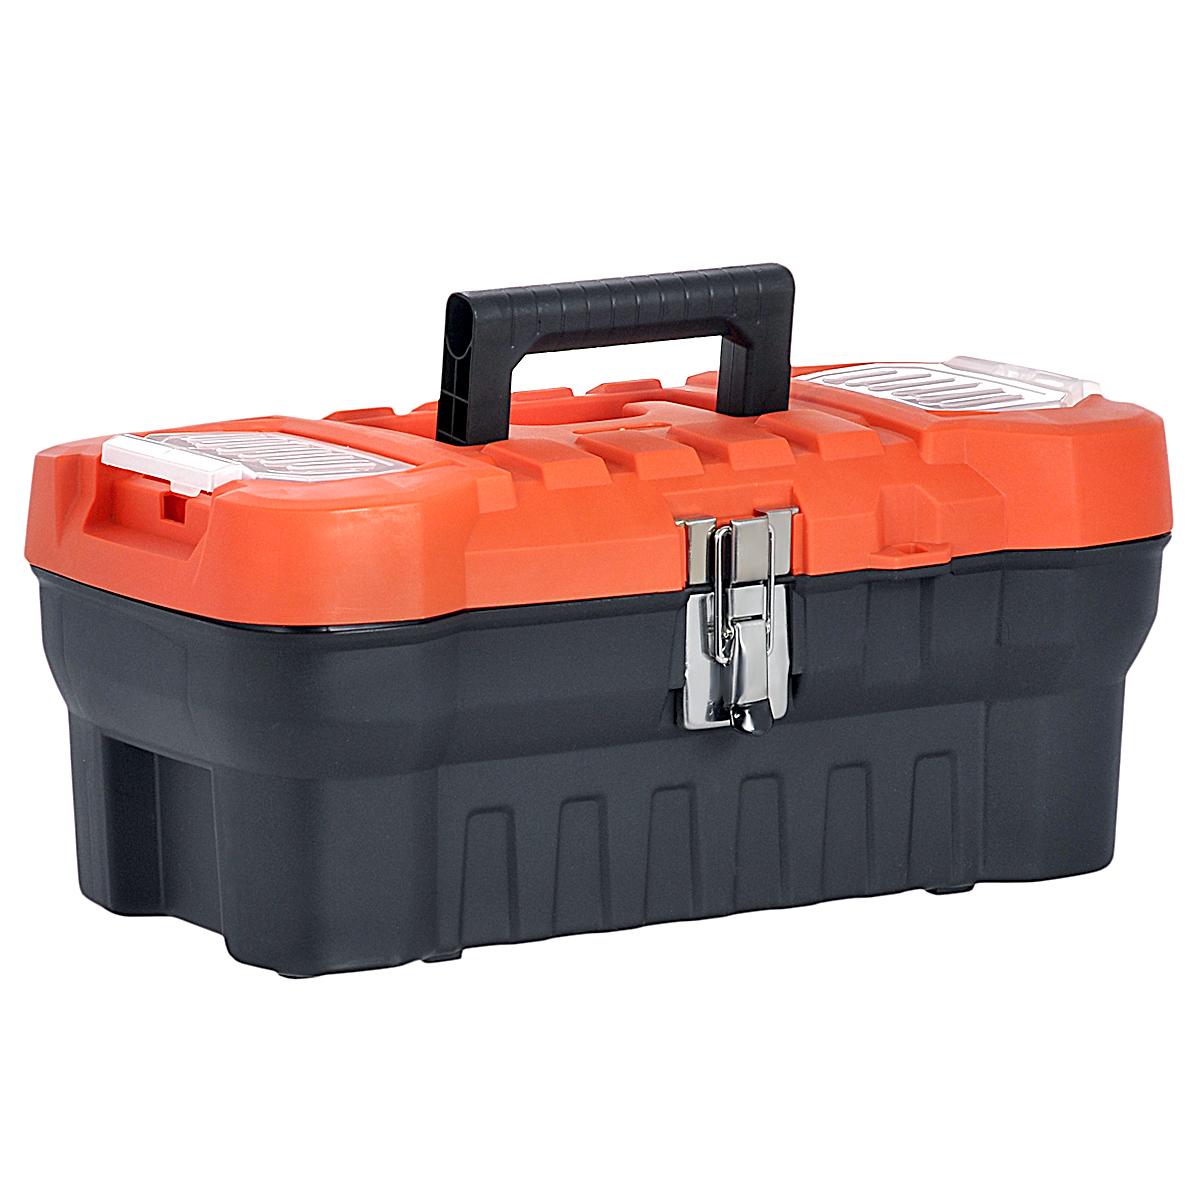 Ящик для инструментов Blocker Expert 16, с органайзером, цвет: черный, оранжевый, 41 х 21 х 17,5 см98298130Ящик Blocker Expert 16 изготовлен из прочного пластика и предназначен для хранения и переноски инструментов. Также ящик подходит для хранения рыболовных снастей, рукоделия и медикаментов. Вместительный ящик внутри имеет большое главное отделение. В комплект входит съемный лоток с ручкой для инструментов. Для более комфортного переноса в руках, на крышке предусмотрена удобная ручка. Крышка ящика оснащена двумя прозрачными органайзерами, которые закрываются на защелку.Ящик закрывается при помощи металлического замка, который не допускает случайного открывания. Размер лотка: 39 см х 16 см х 5 см. Размер органайзера: 12 см х 6,5 см.